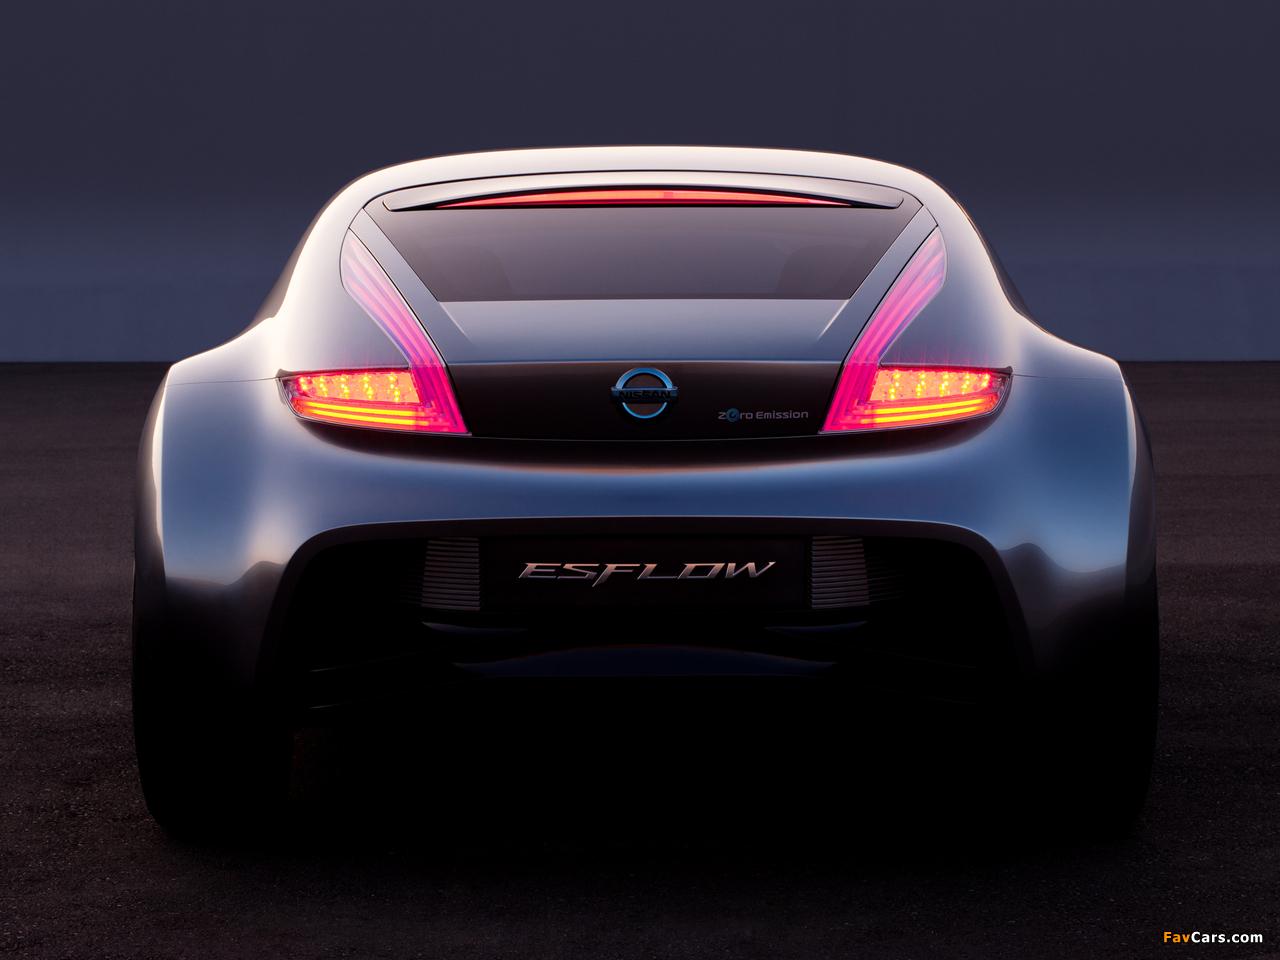 Nissan Esflow Concept 2011 pictures (1280 x 960)